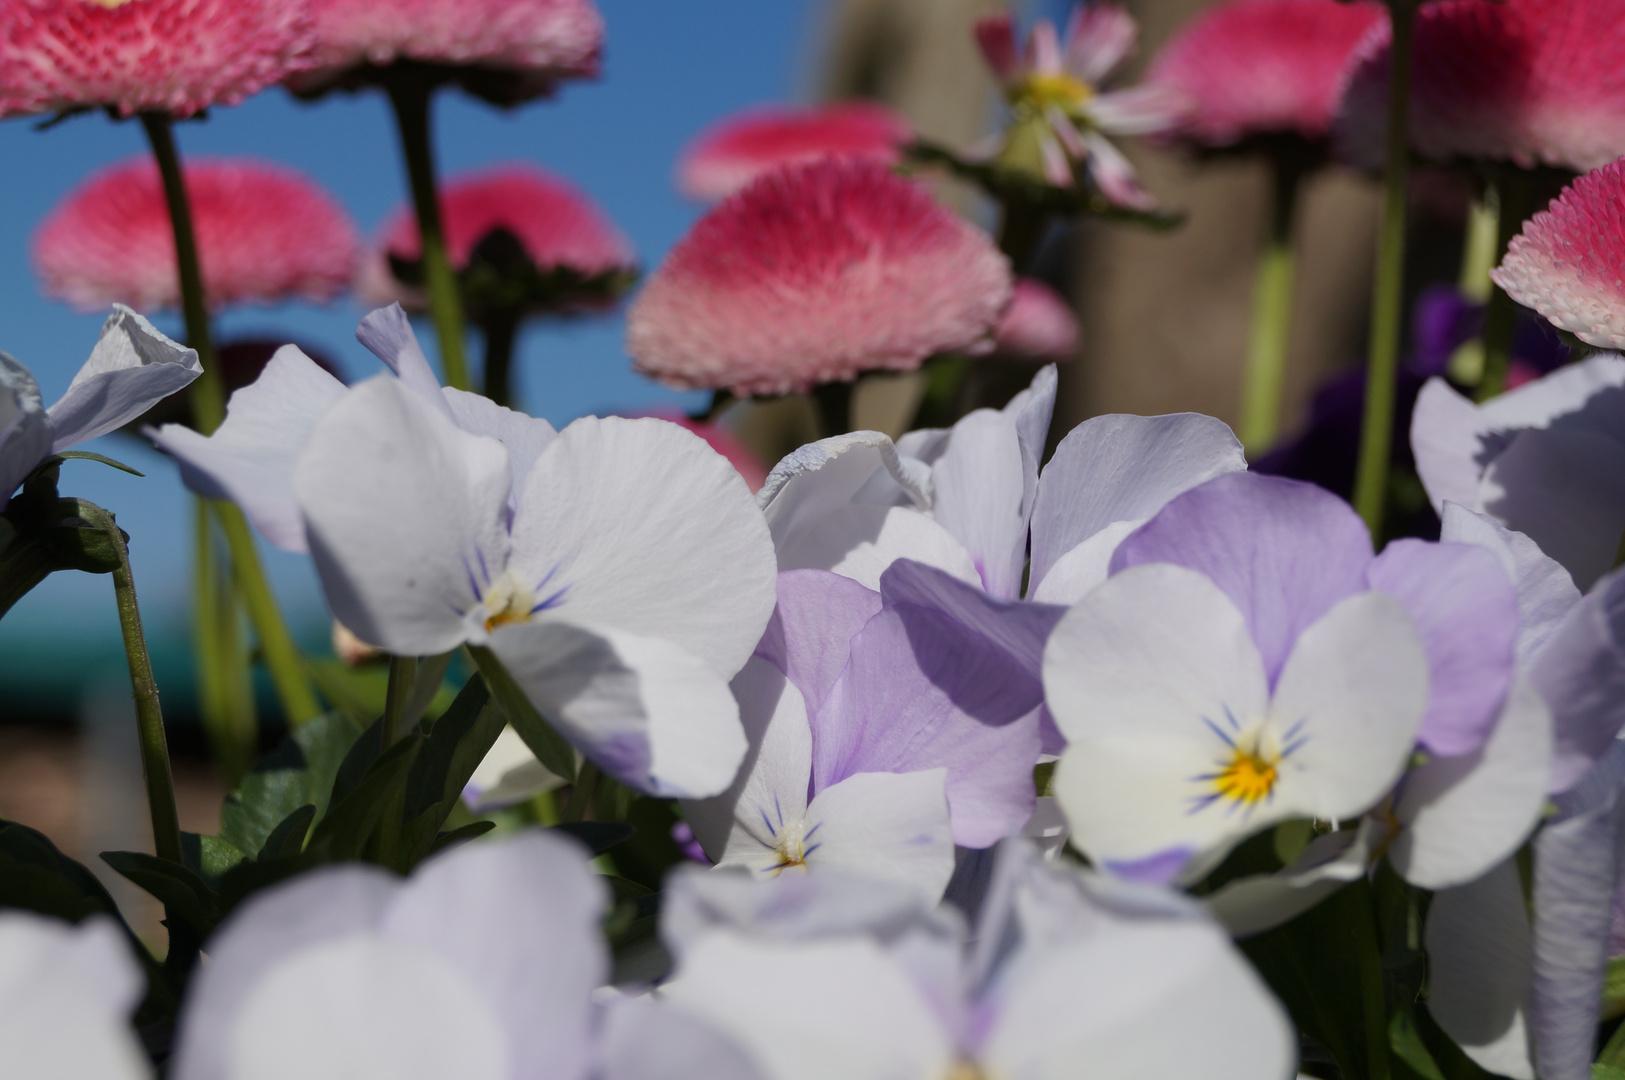 Pflanzen im Frühling